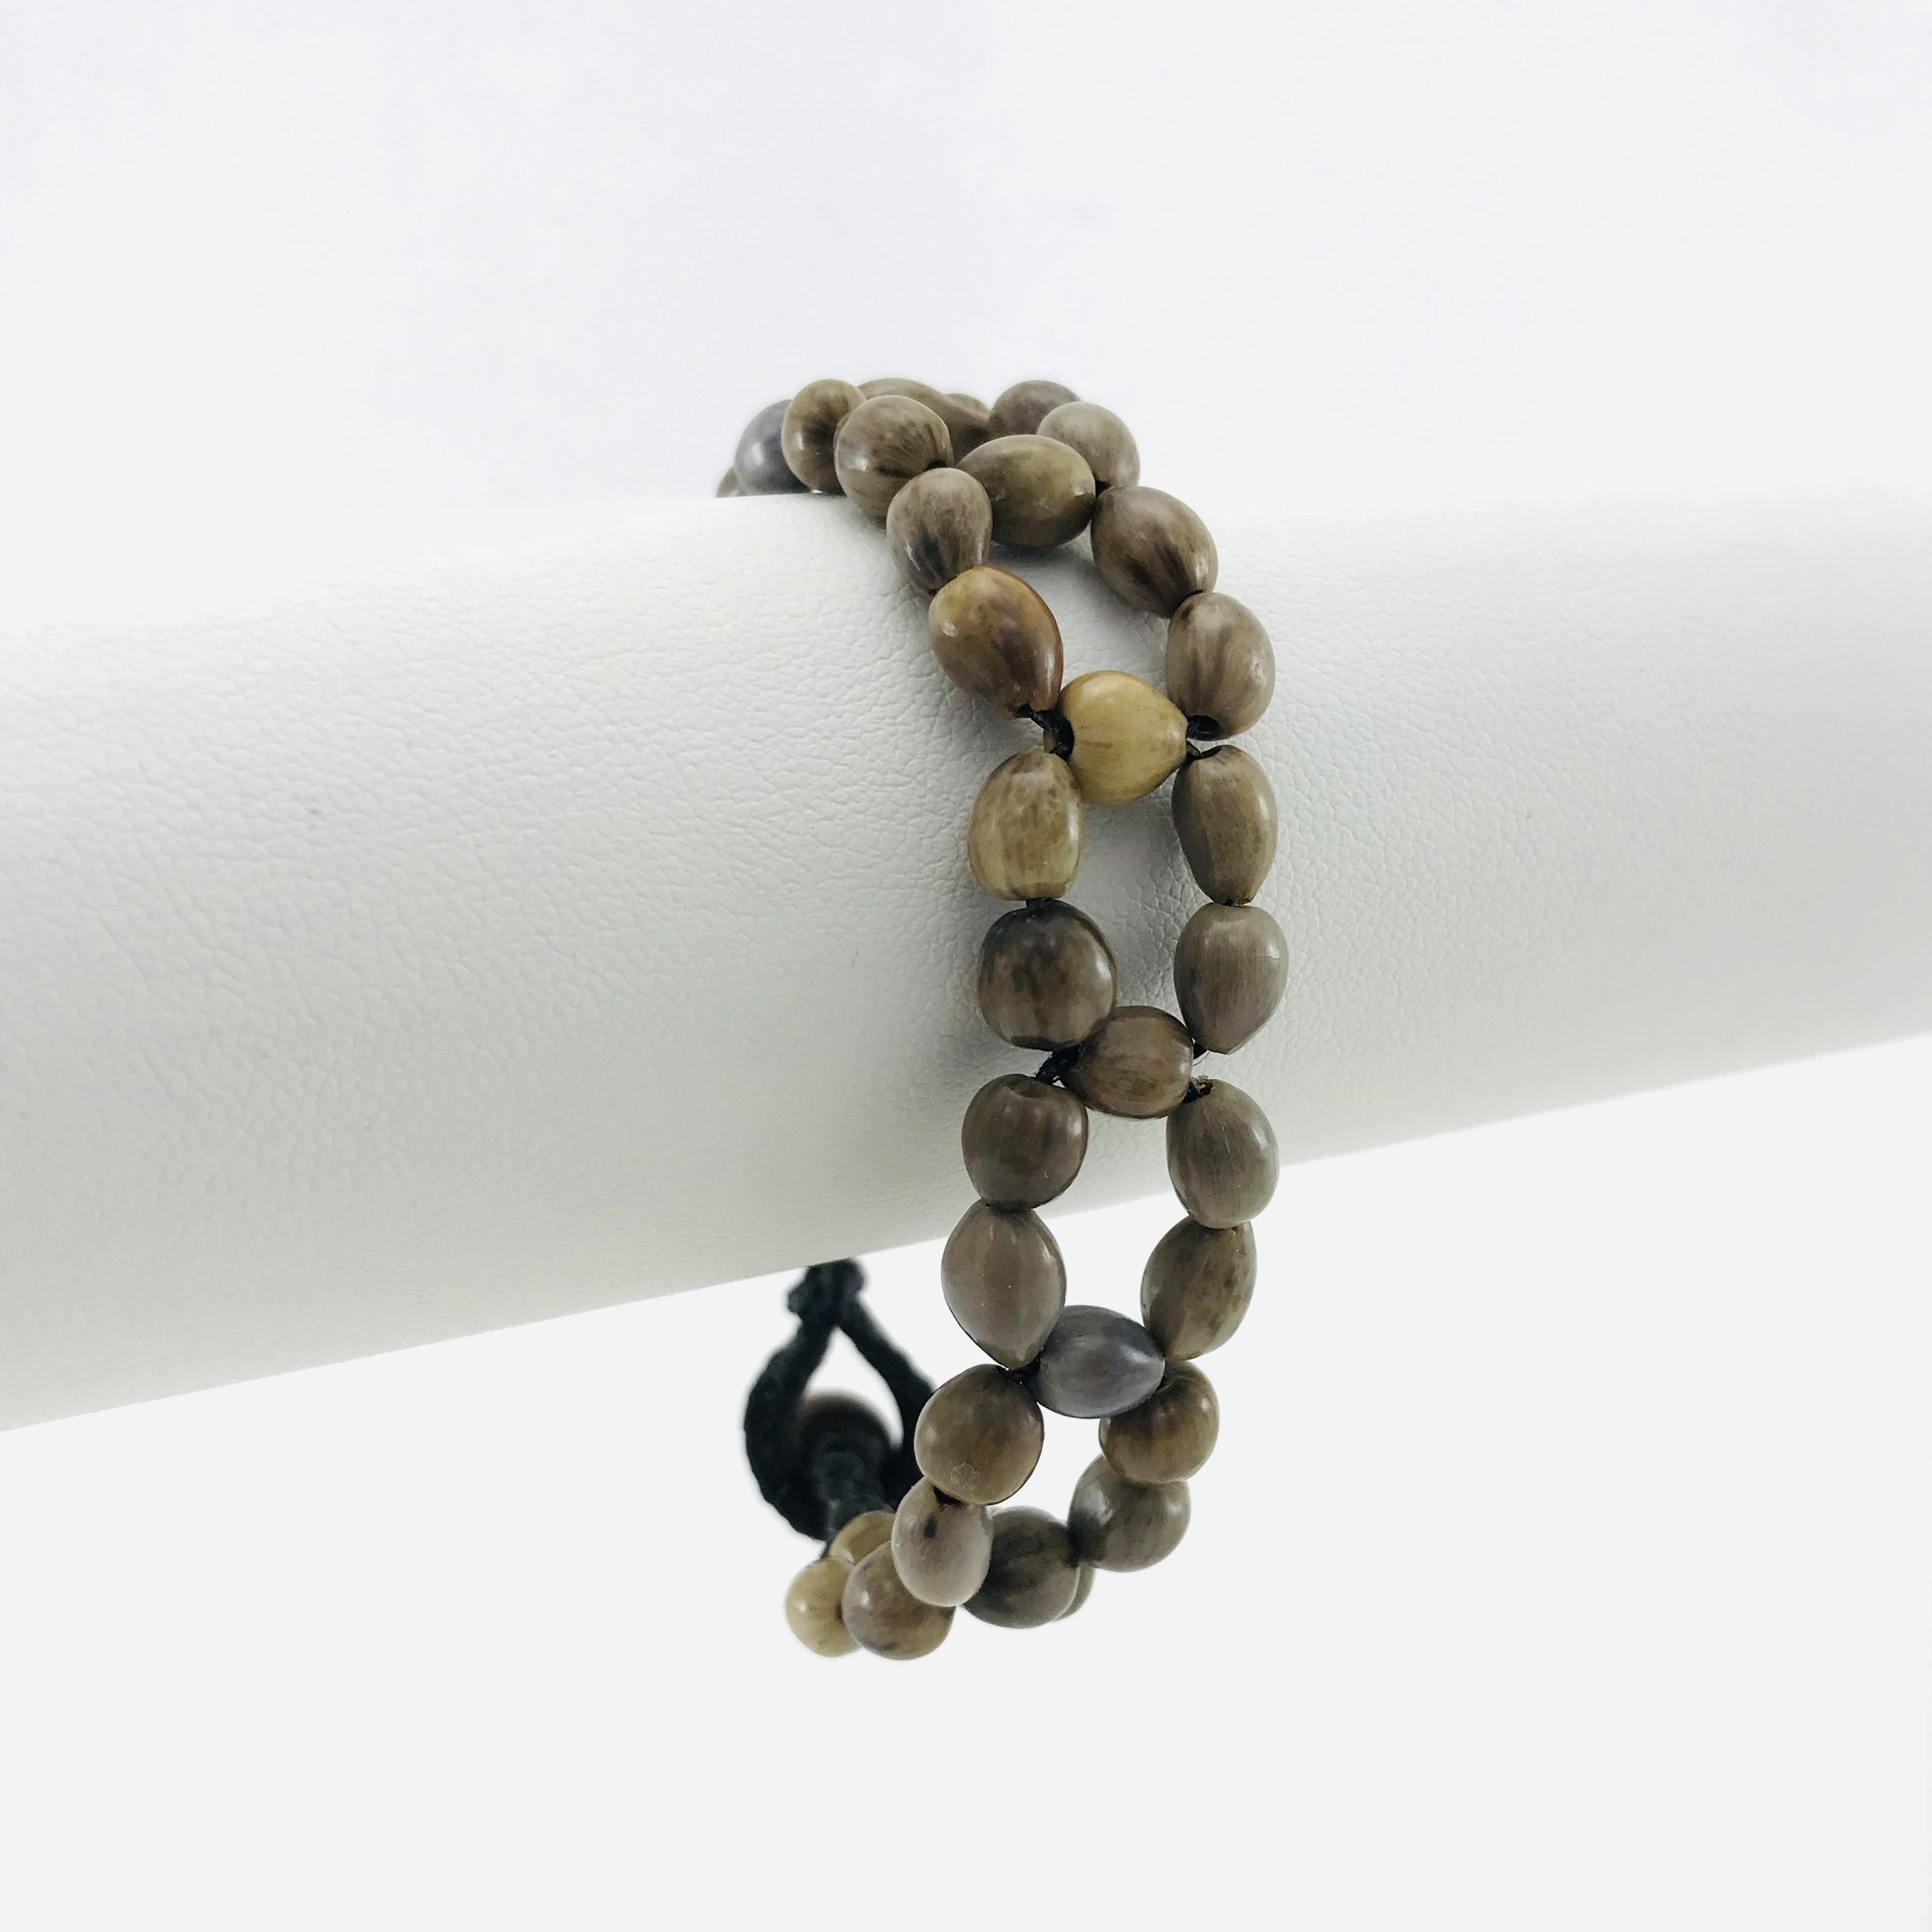 Le Fleur - Bracelet graines naturelles - Brun